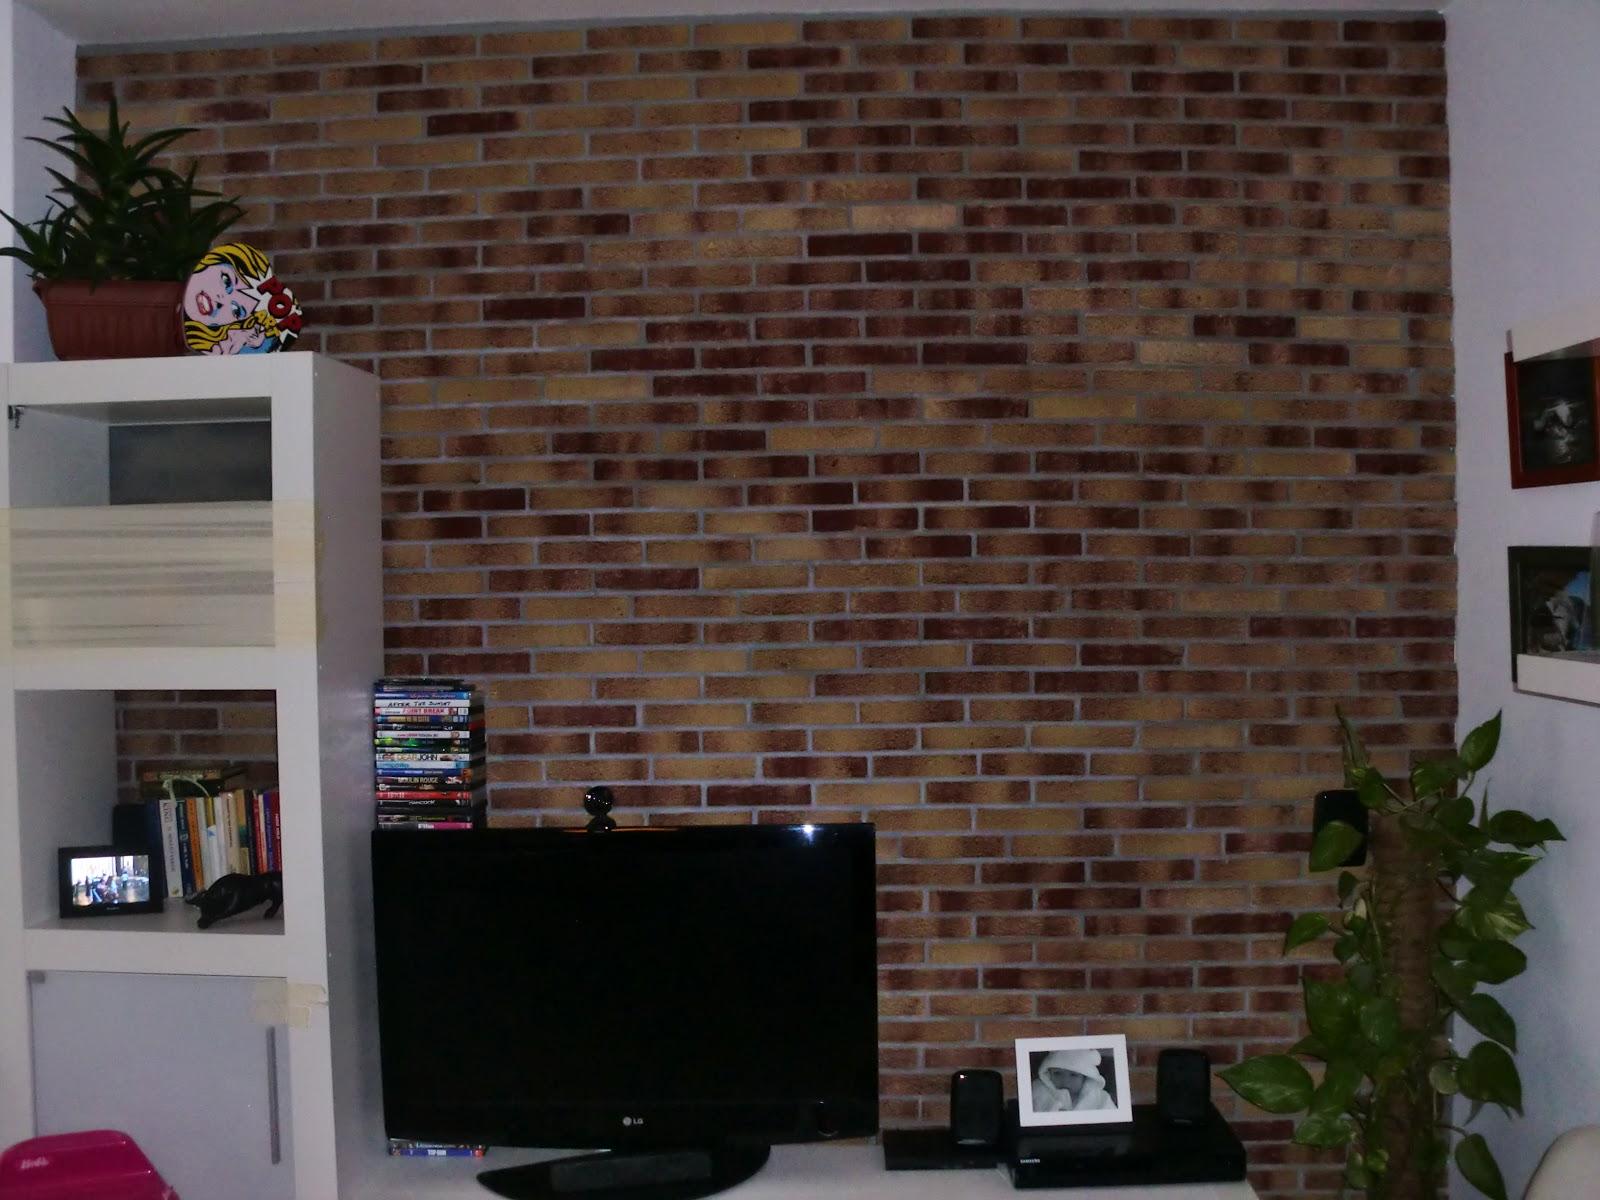 Mattoncini decorativi per interni plastica muro di - Lds pannelli decorativi ...